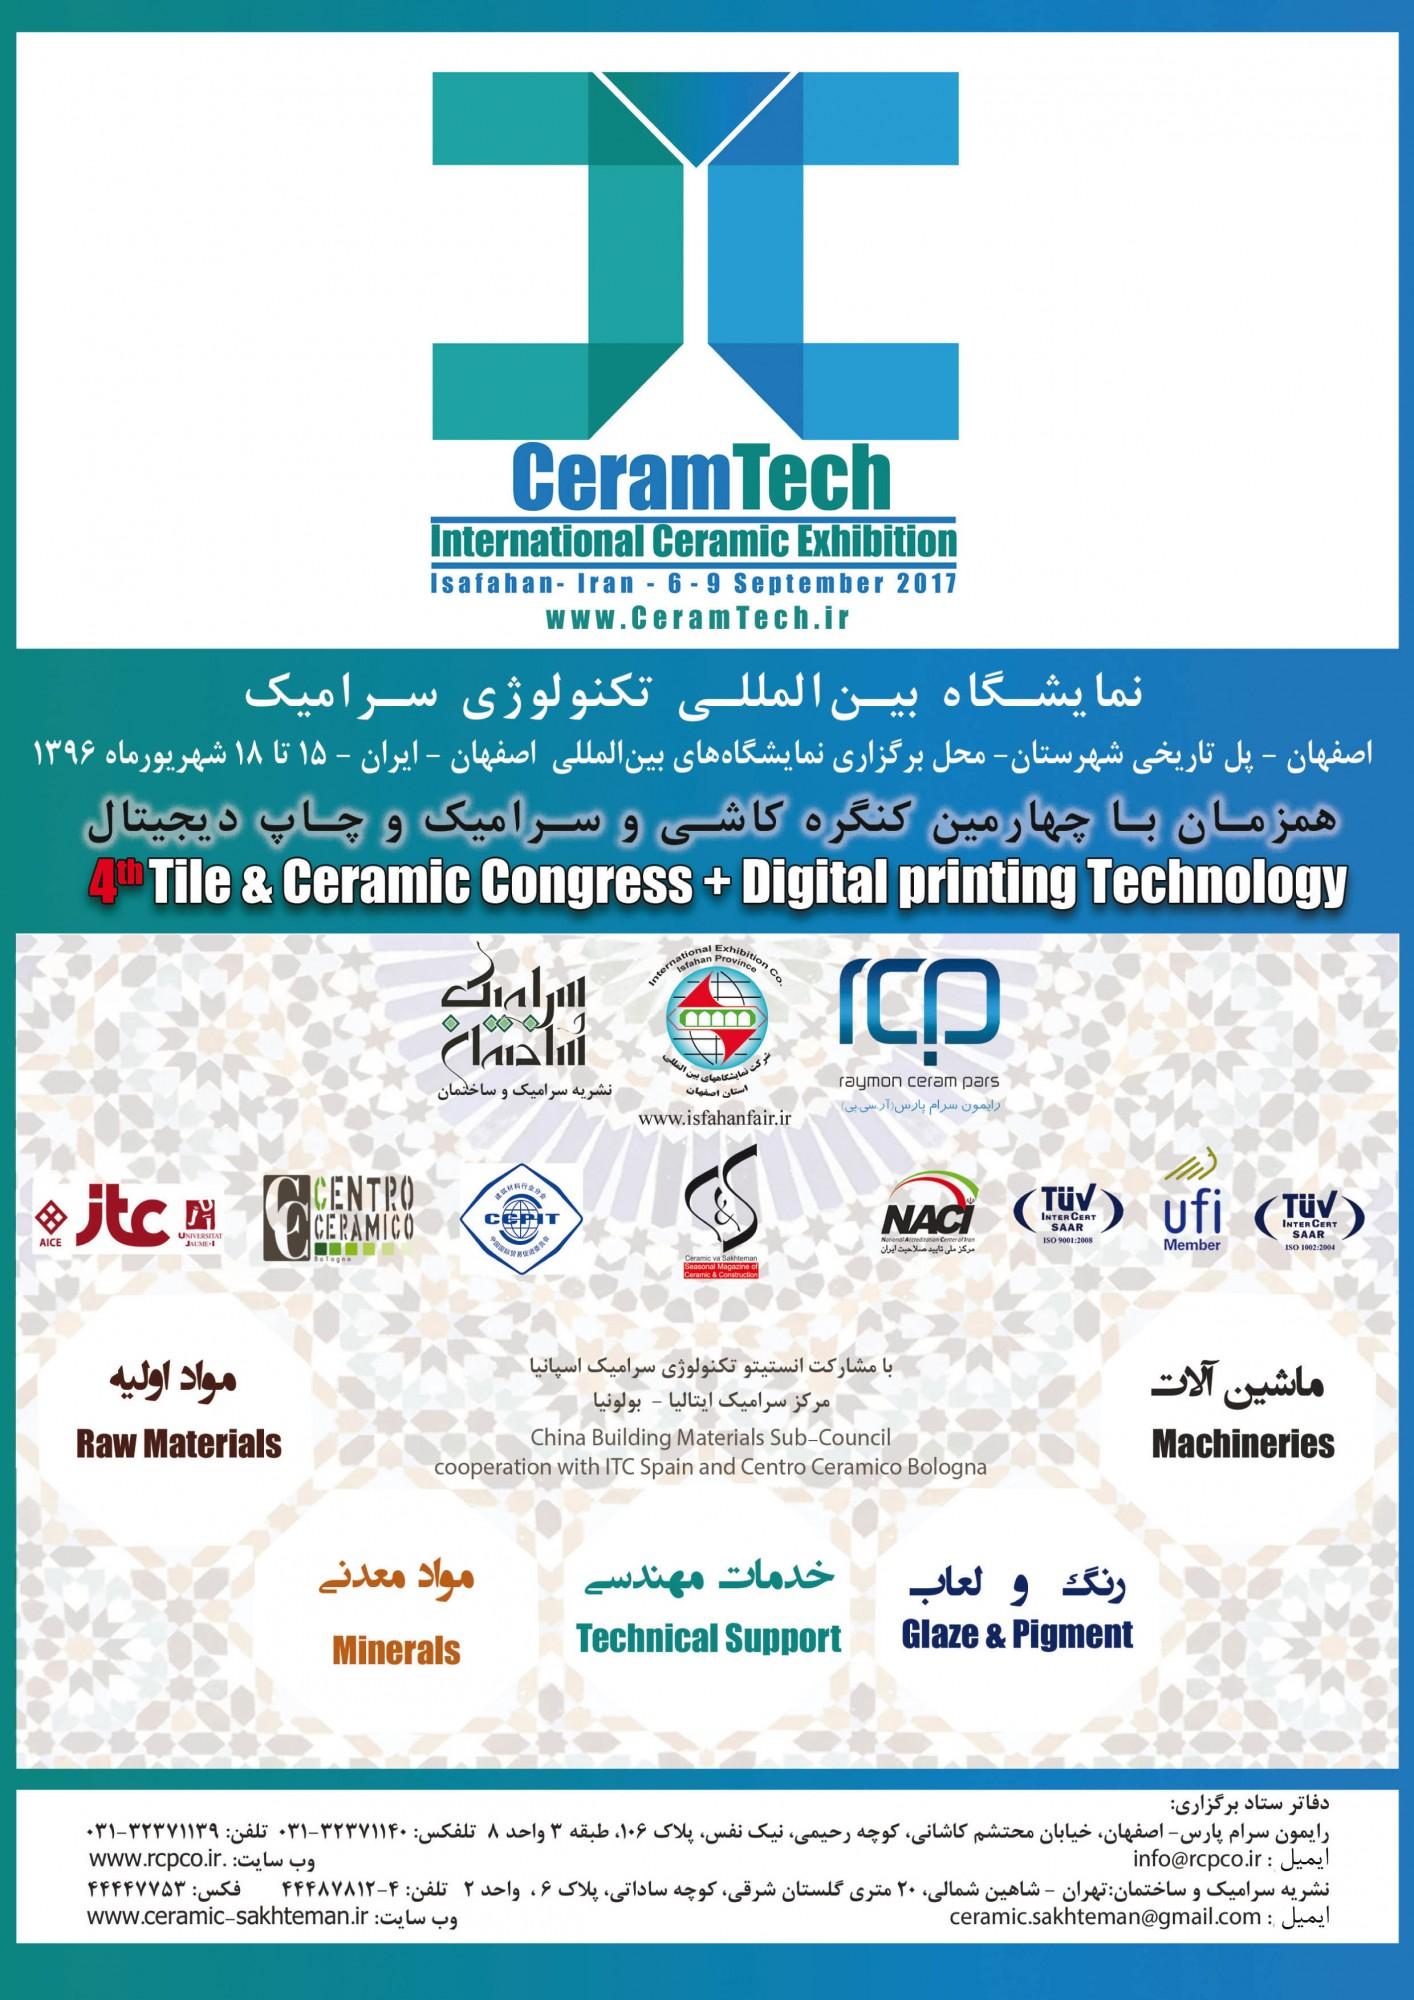 نمایشگاه بین المللی تکنولوژی سرامیک اصفهان